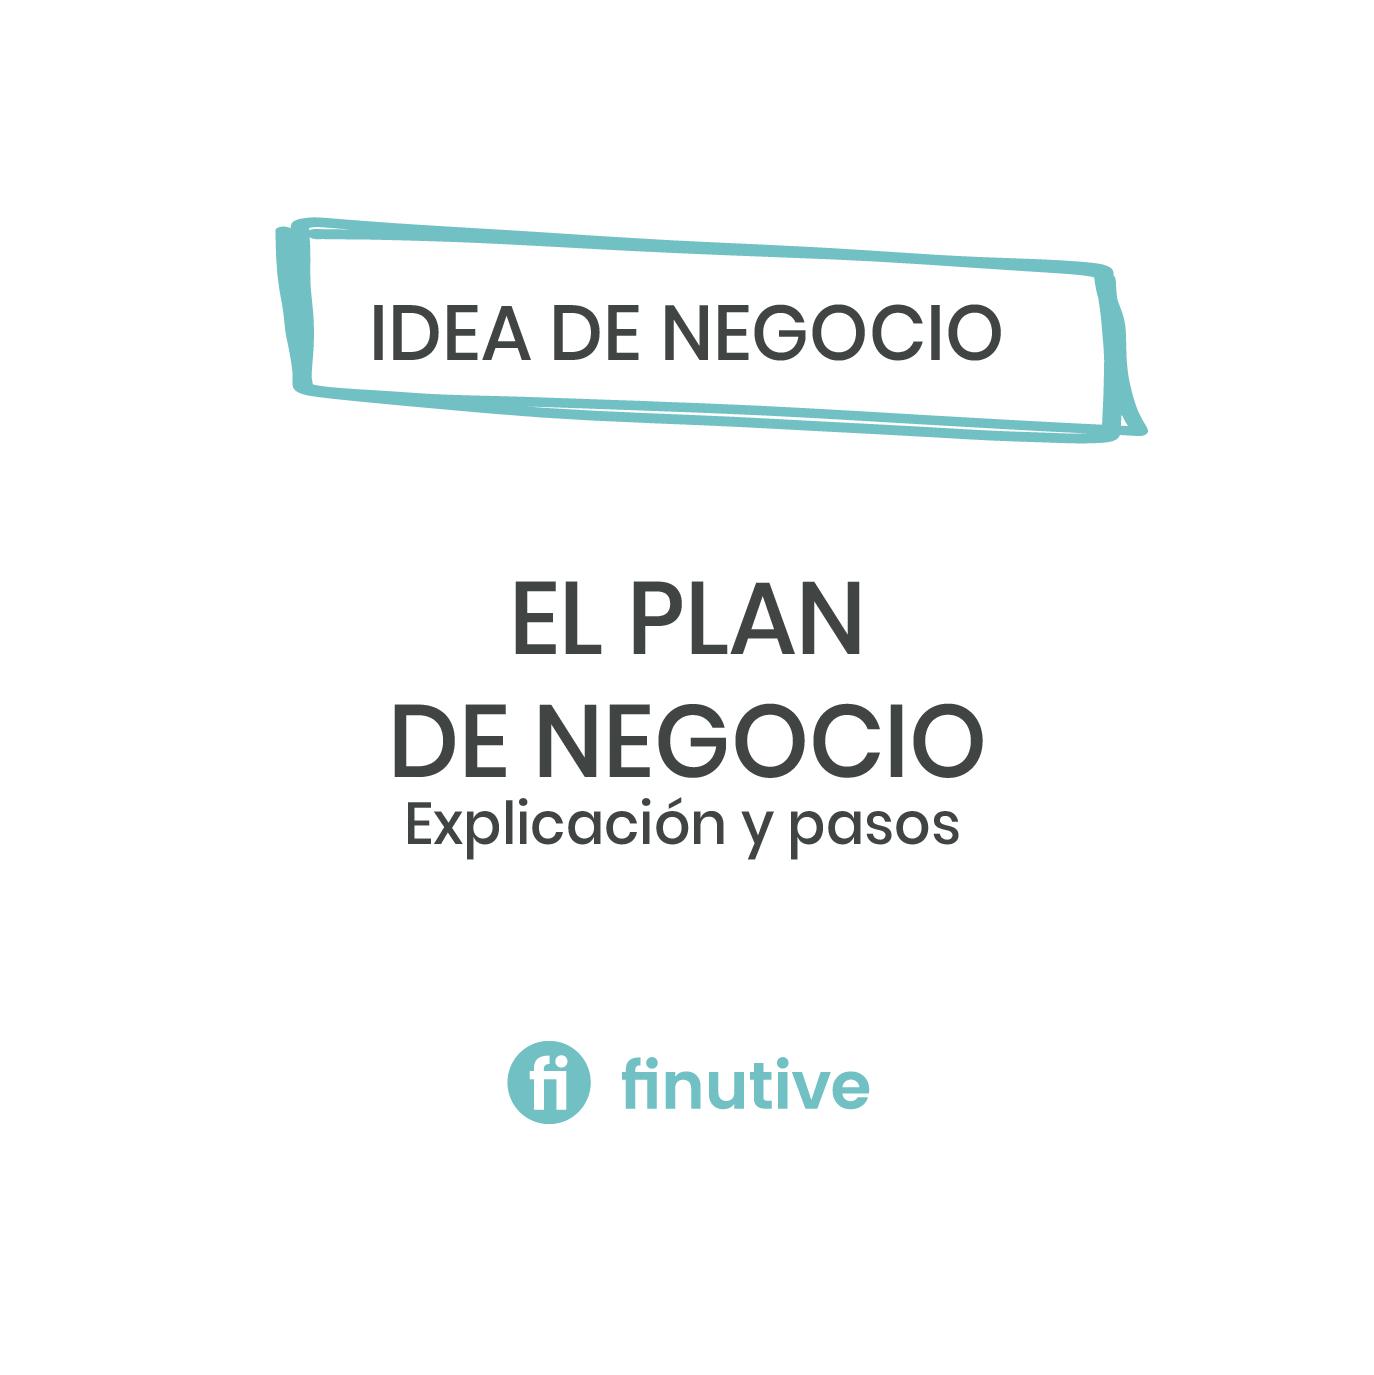 Proyecto empresarial: Crea tu Plan de Negocio